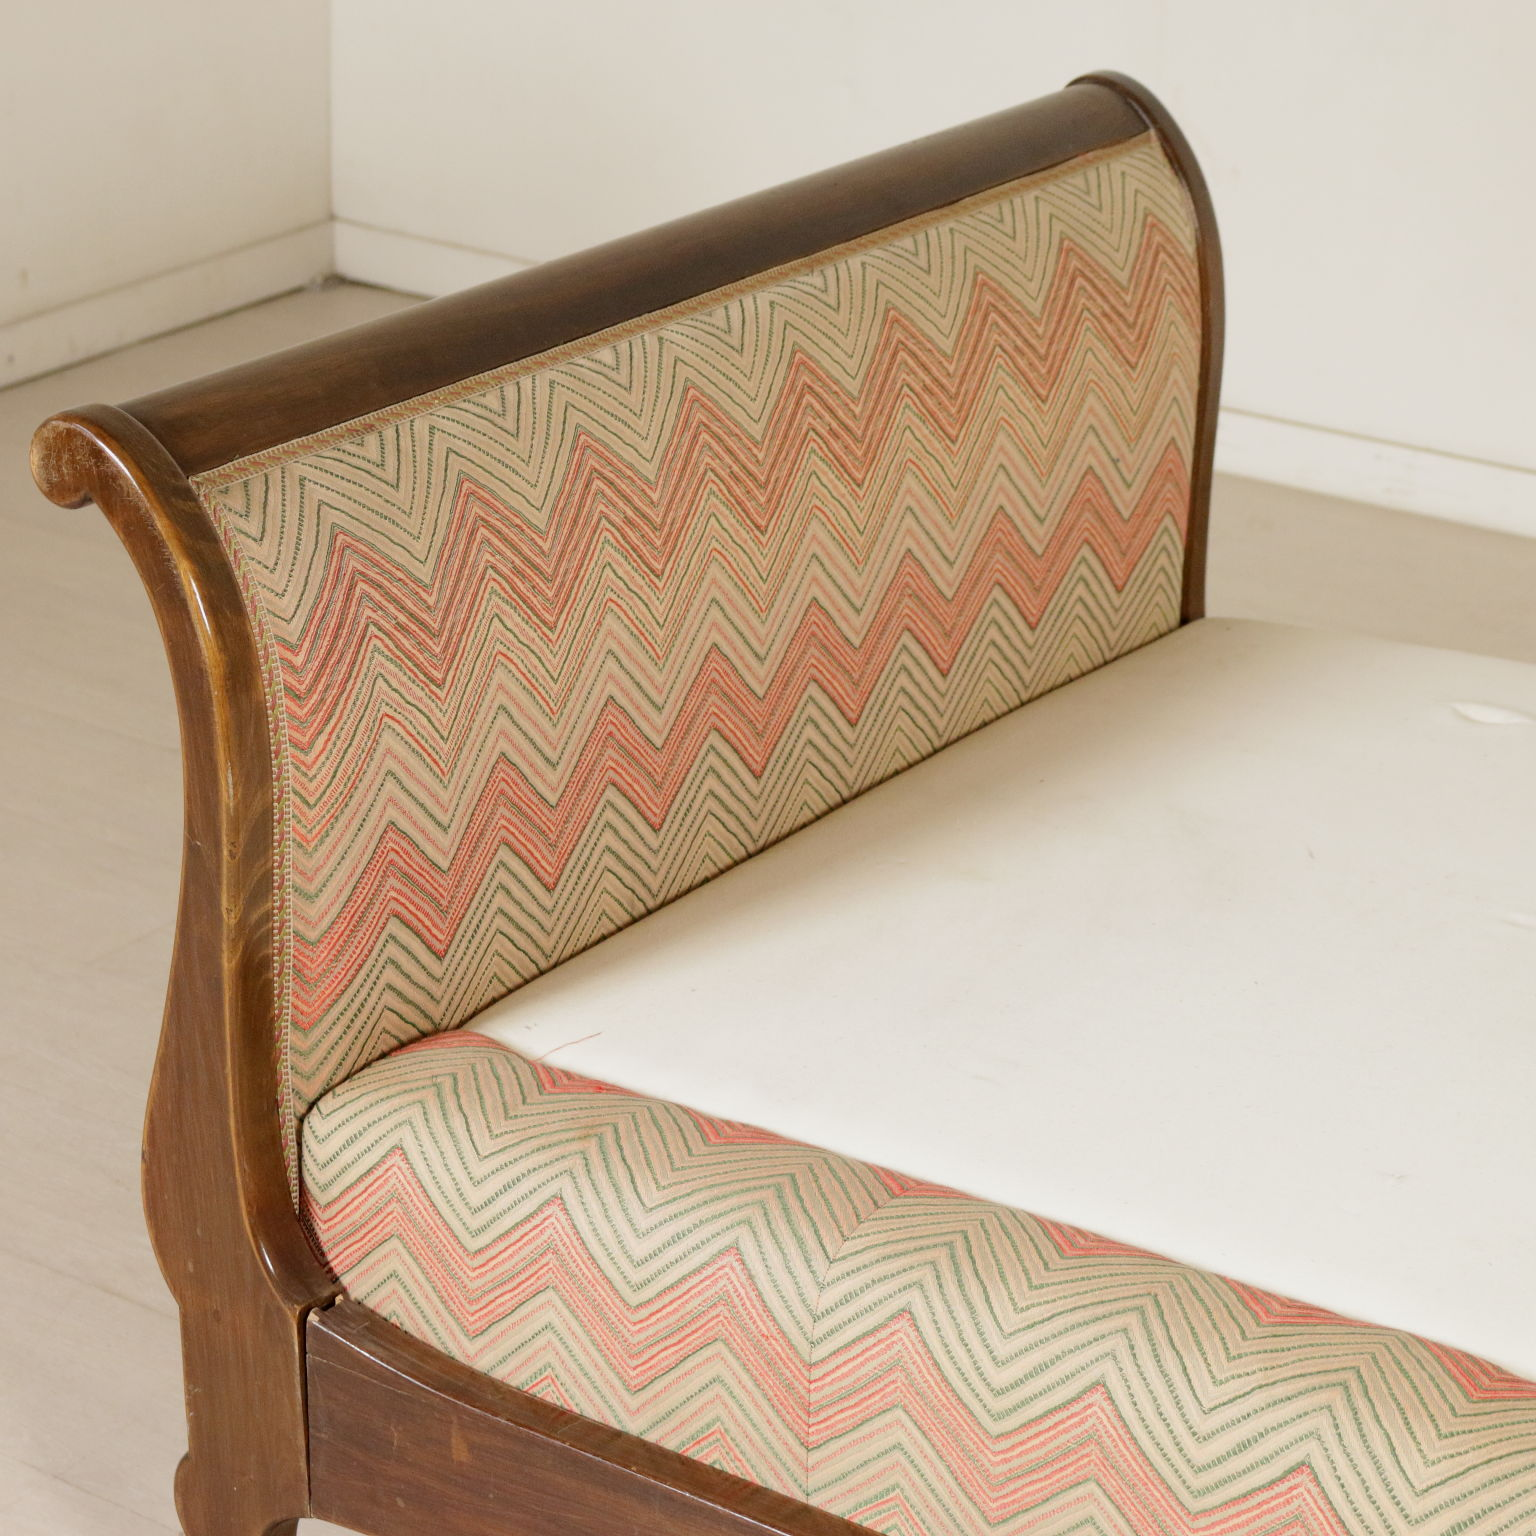 Divano letto a barca sedie poltrone divani for Divano particolare